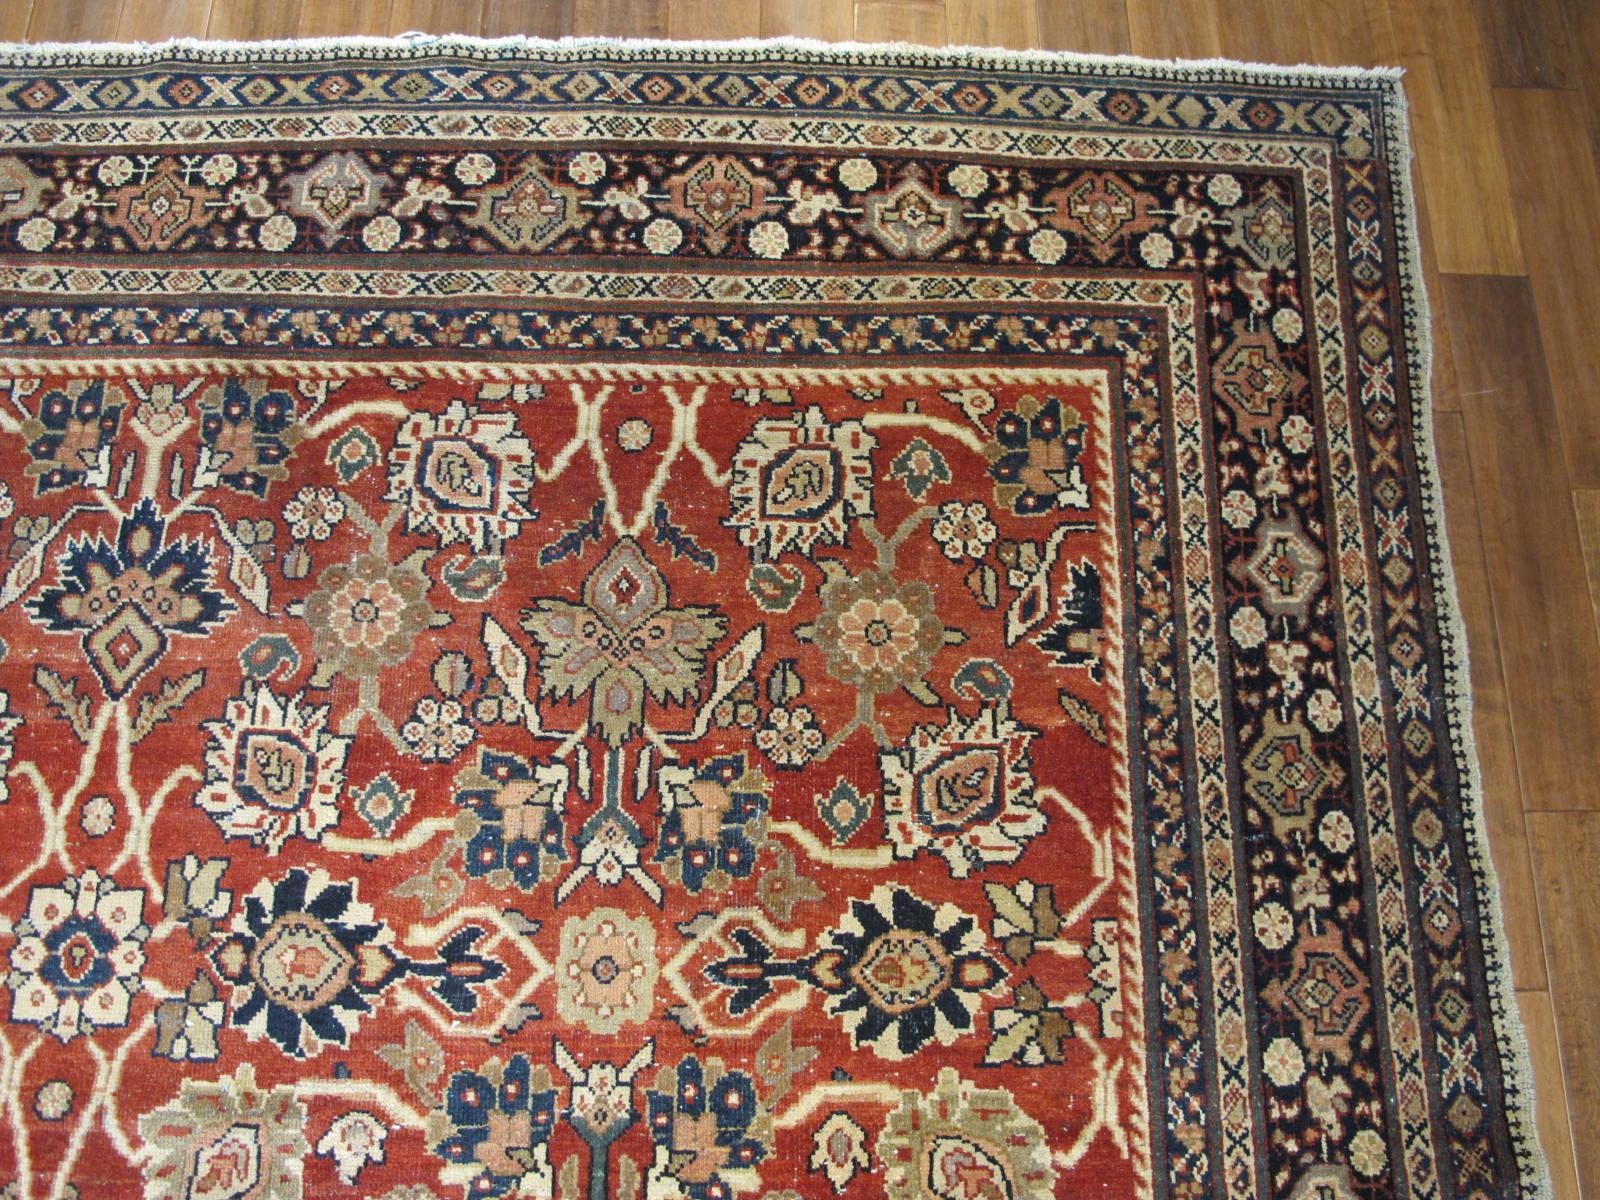 23097 persian mahal rug 10,6 x 10,6 (3)